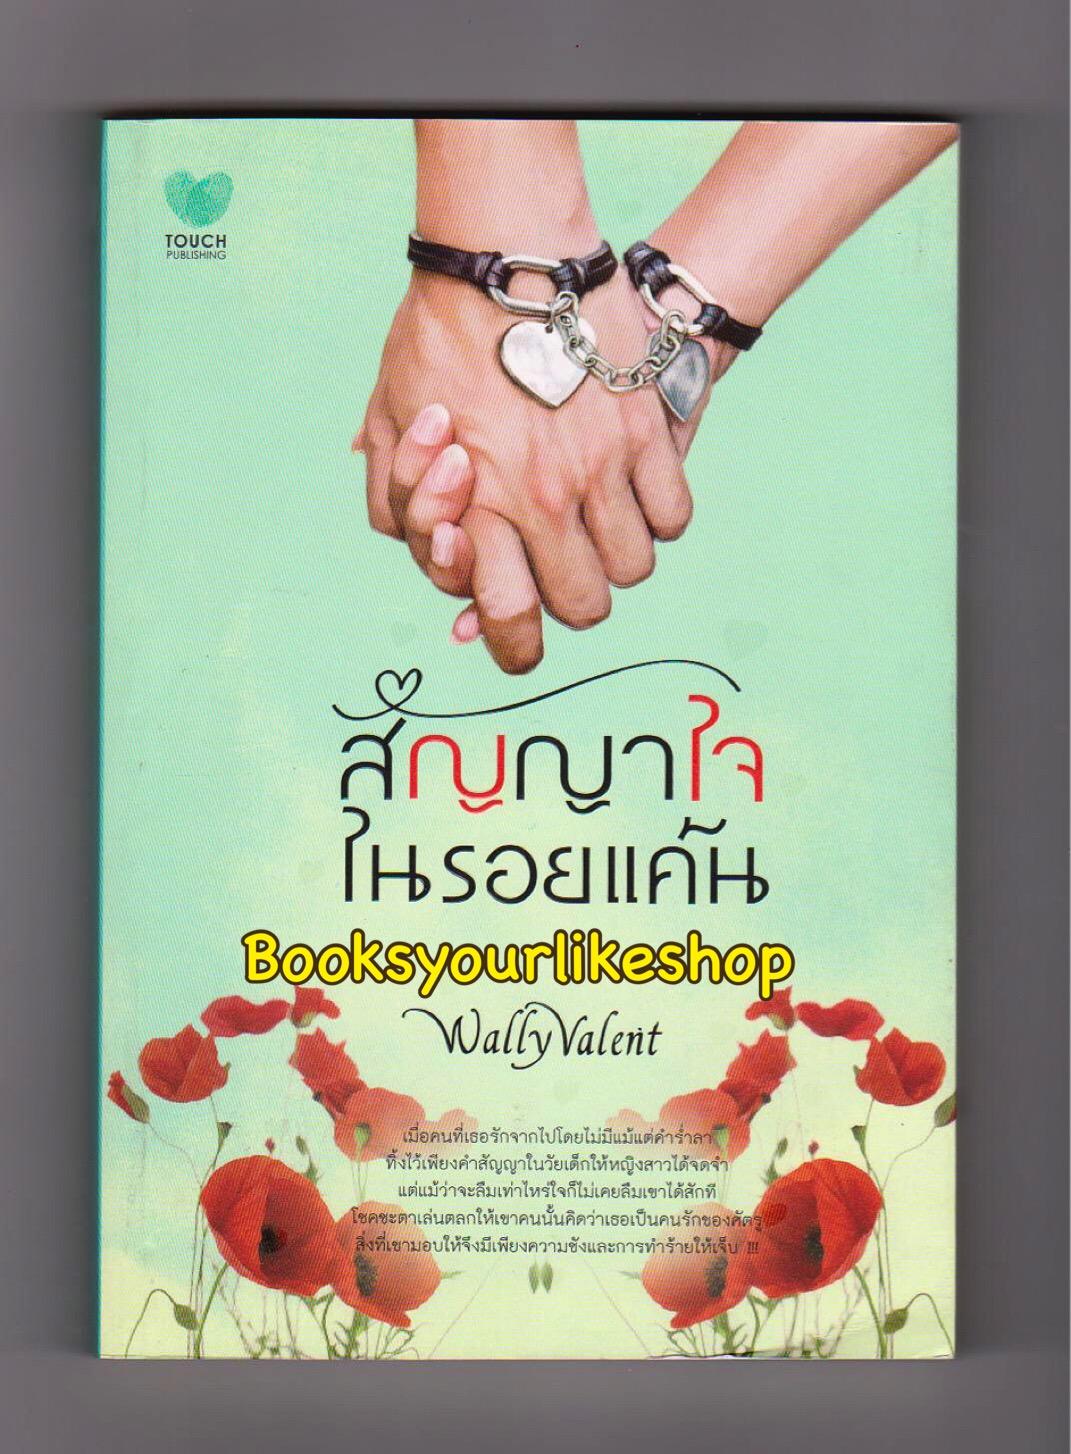 สัญญาใจในรอยแค้น / Wally Valent / สนพ. Touch Publications หนังสือใหม่